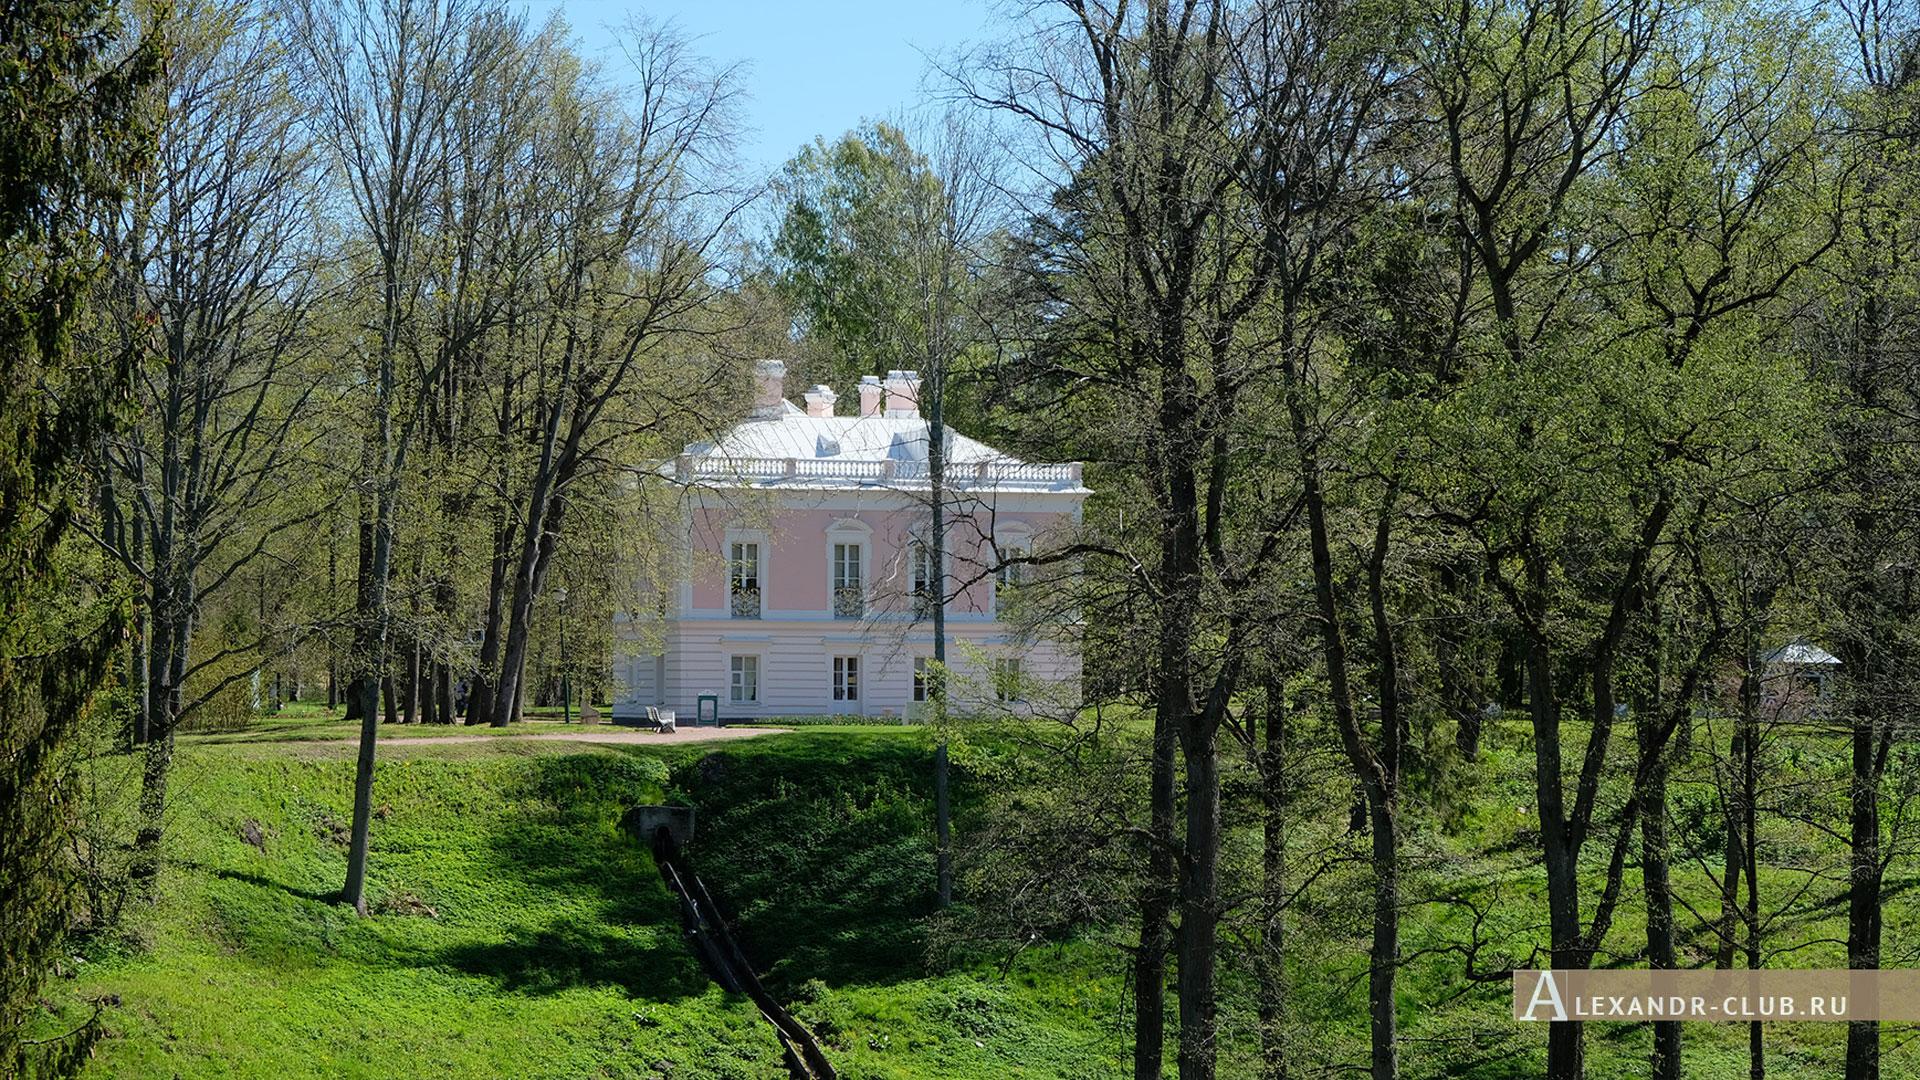 Ораниенбаум, весна, Дворец Петра III